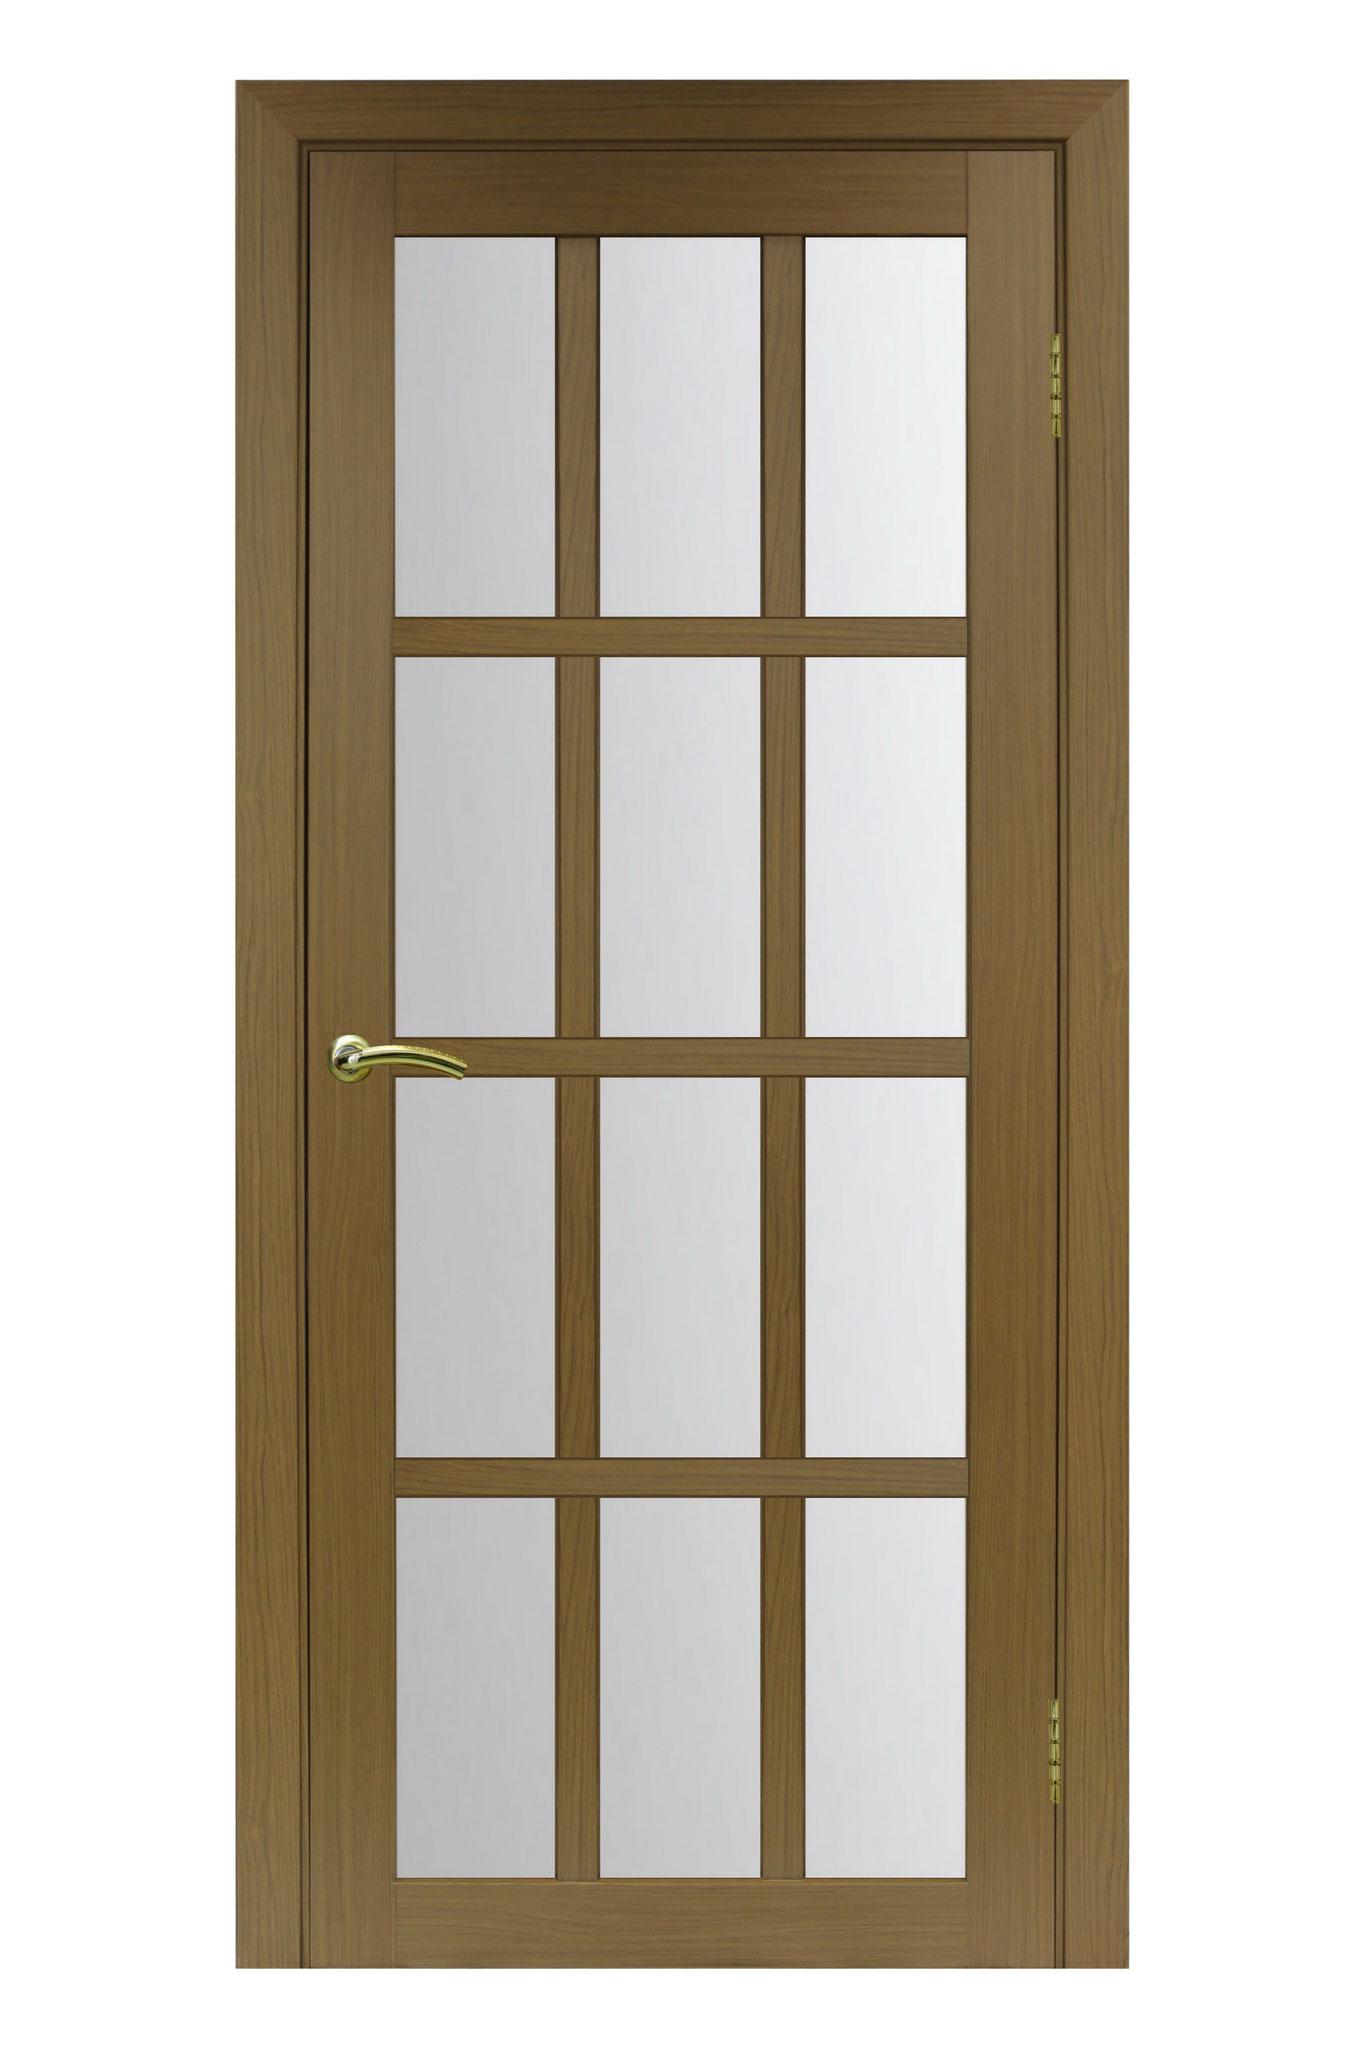 """Полотно """"Турин 542"""", орех классик, стекло сатин. Цена: 4770 рублей"""